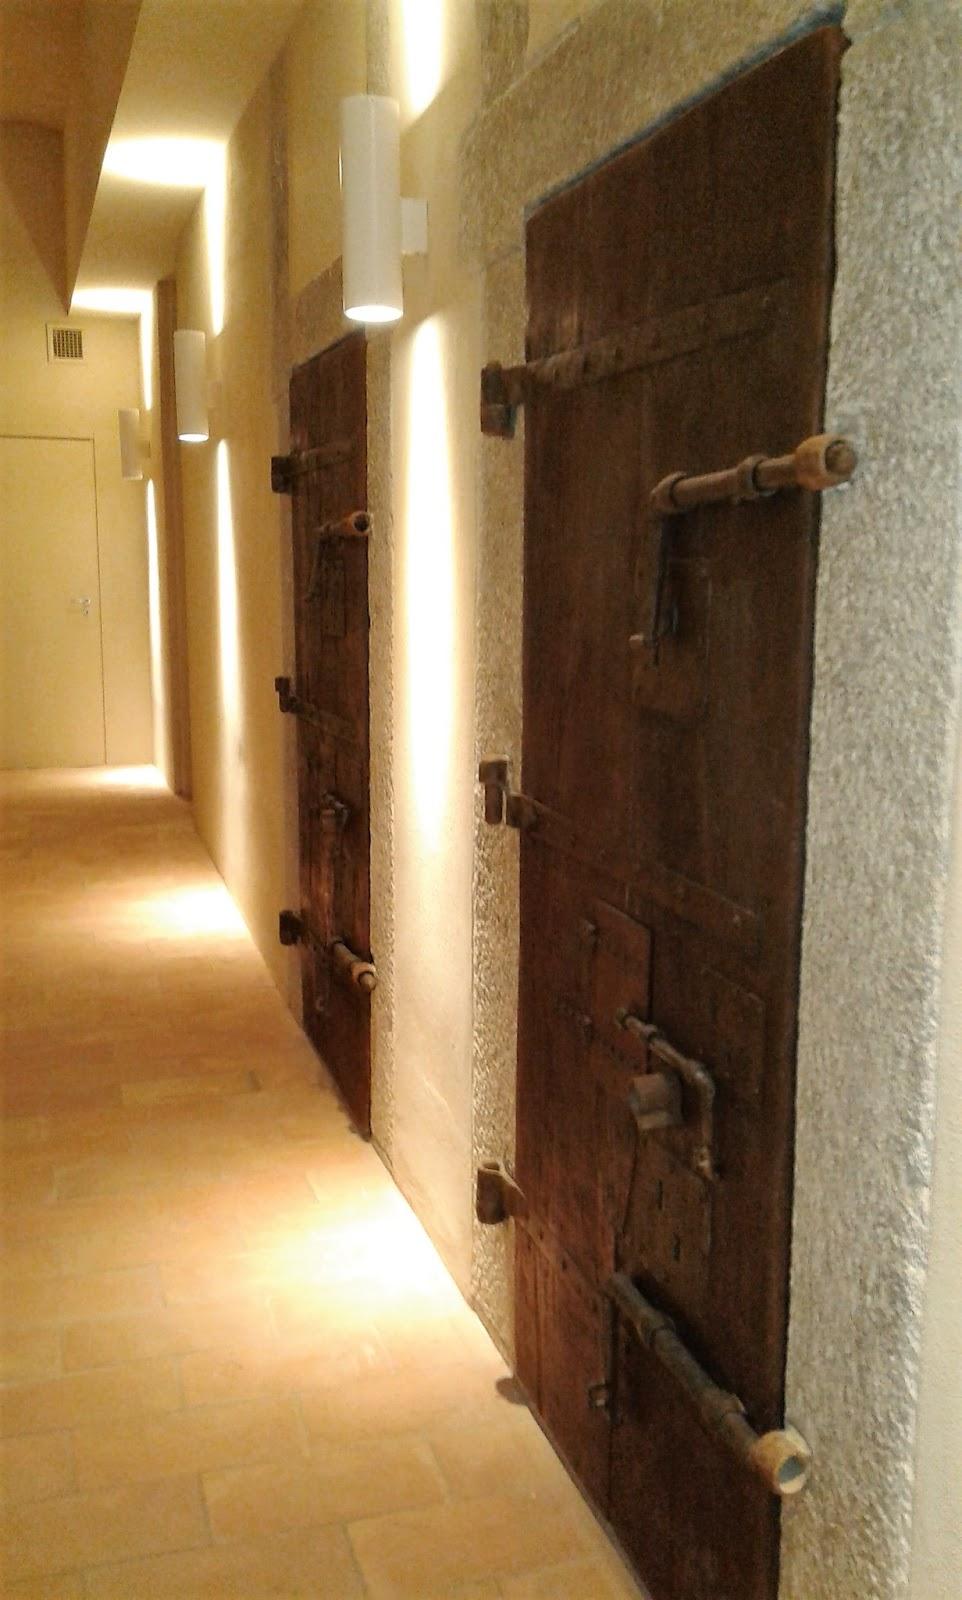 Mirtillo14 camminando le stanze segrete di vittorio sgarbi for Le stanze segrete di sgarbi